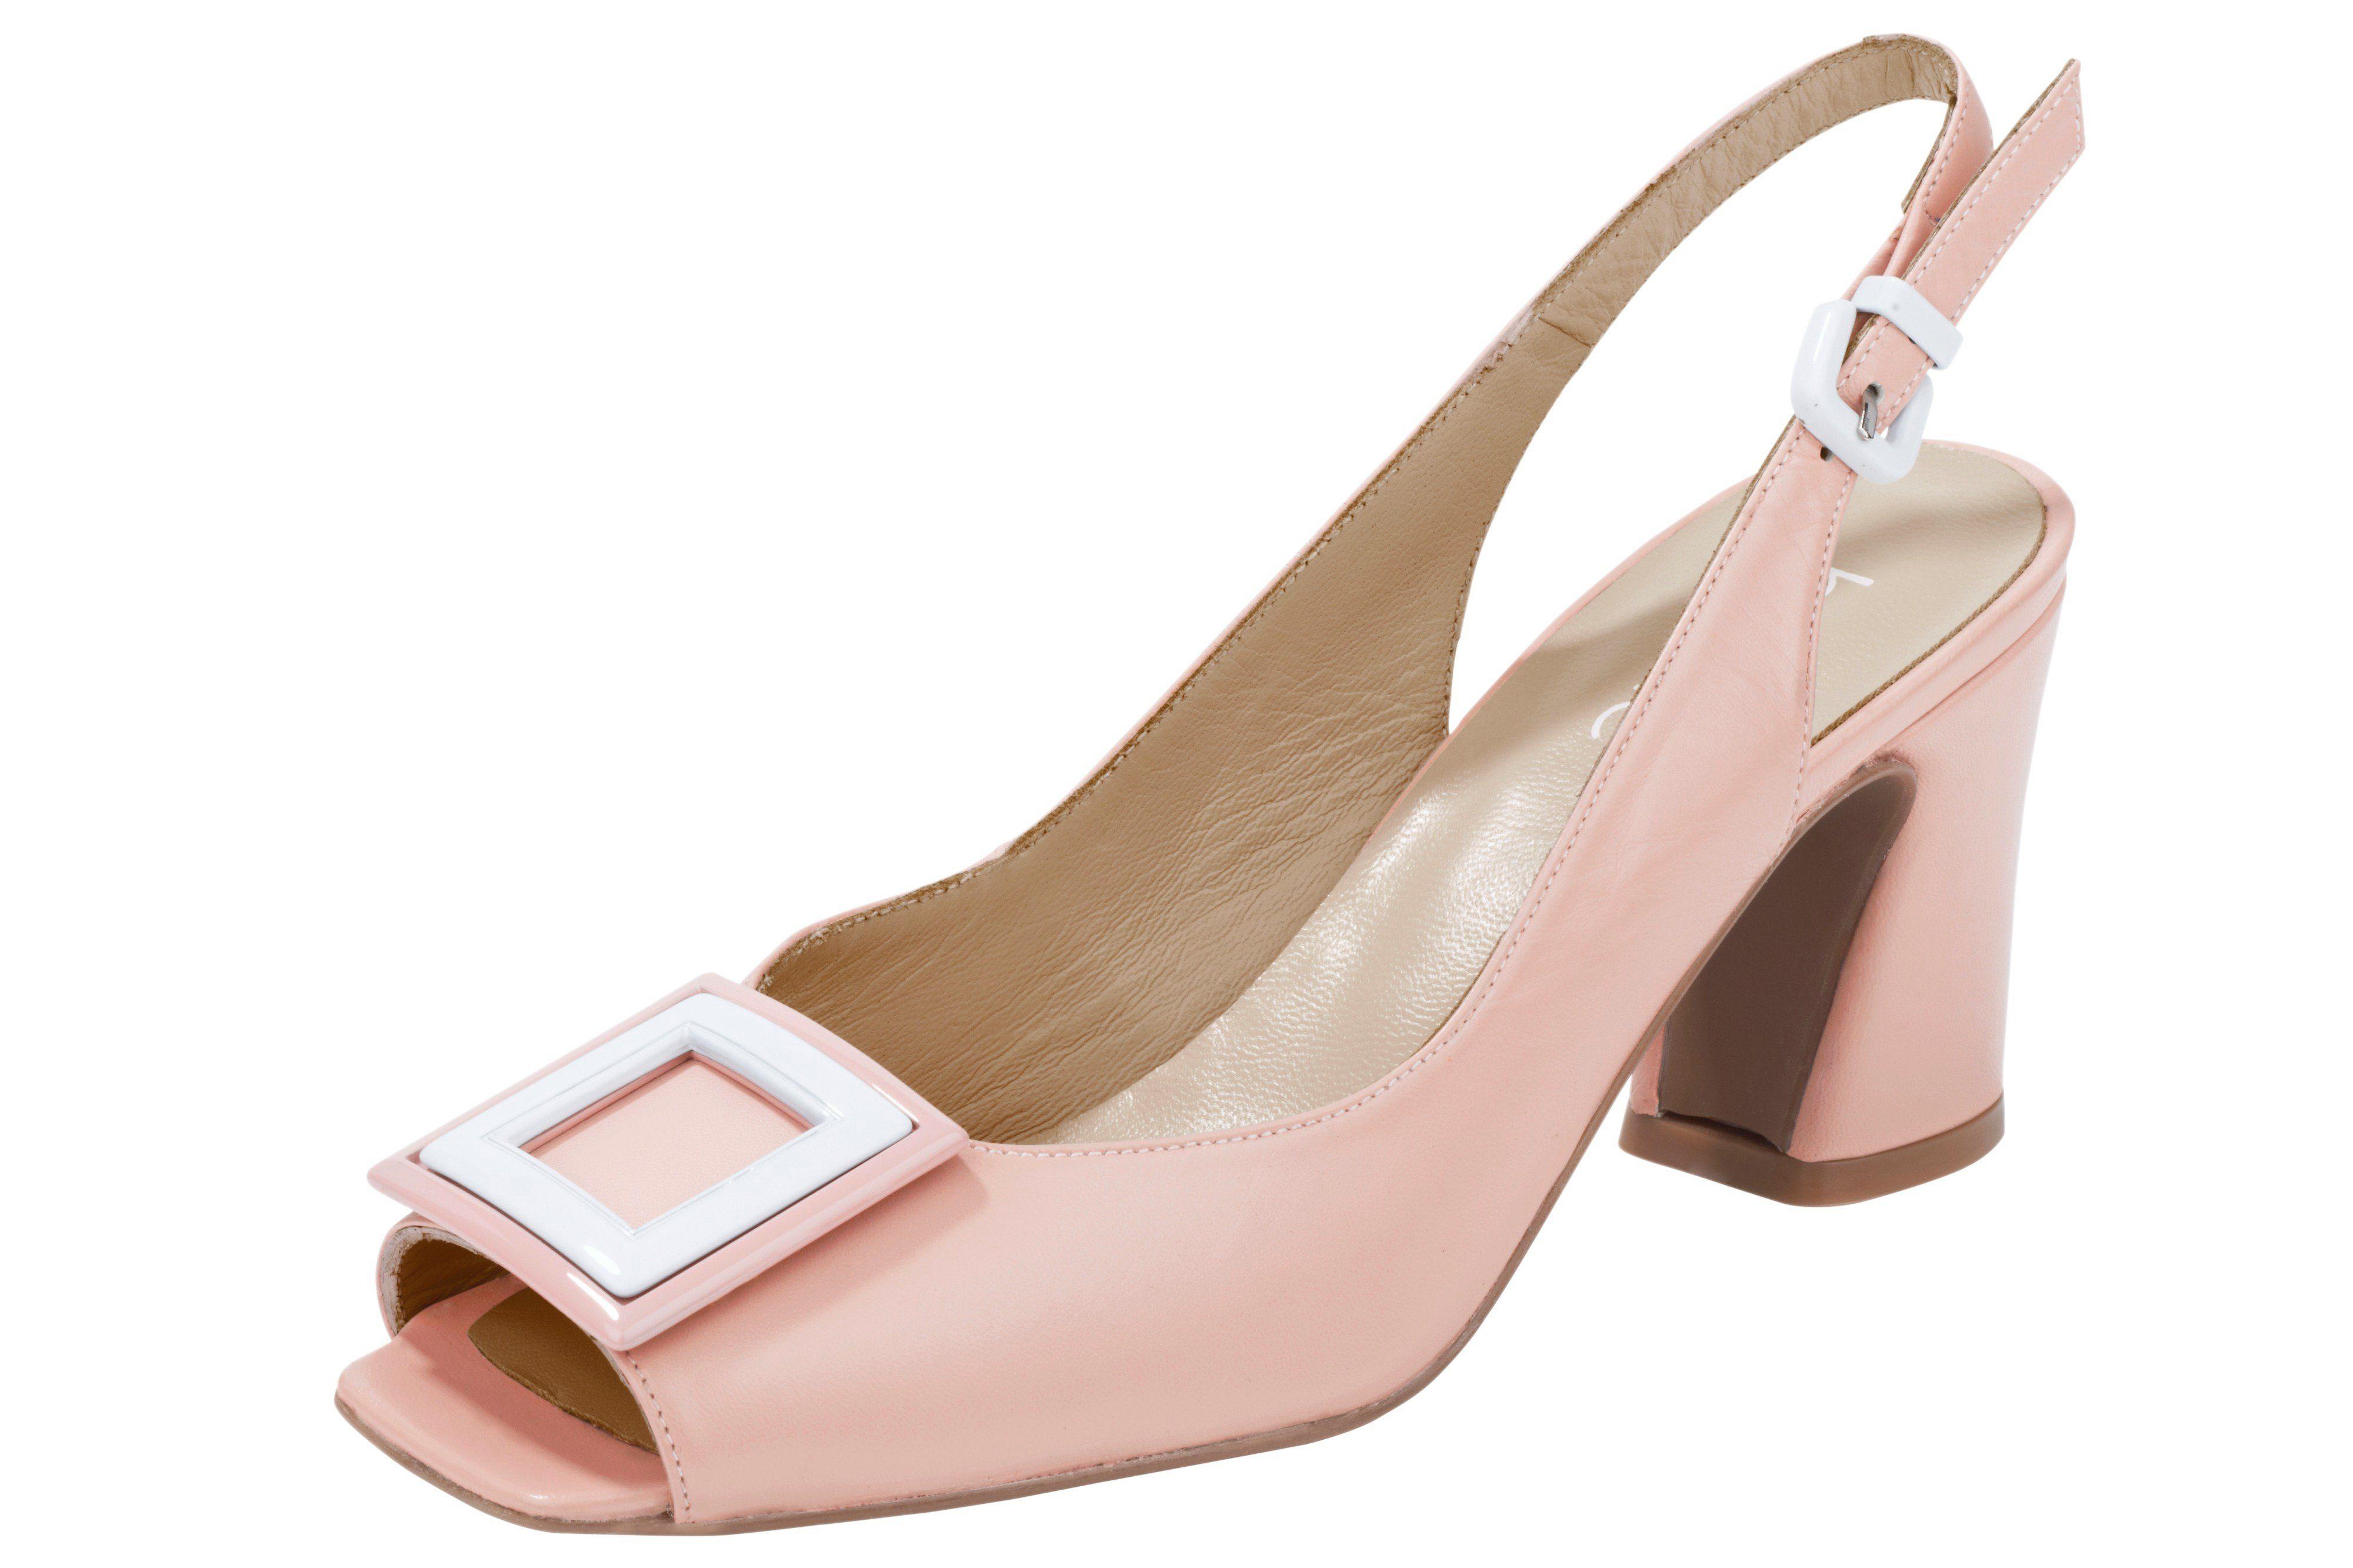 Heine Sandalette online kaufen  rosé#ft5_slash#weiß